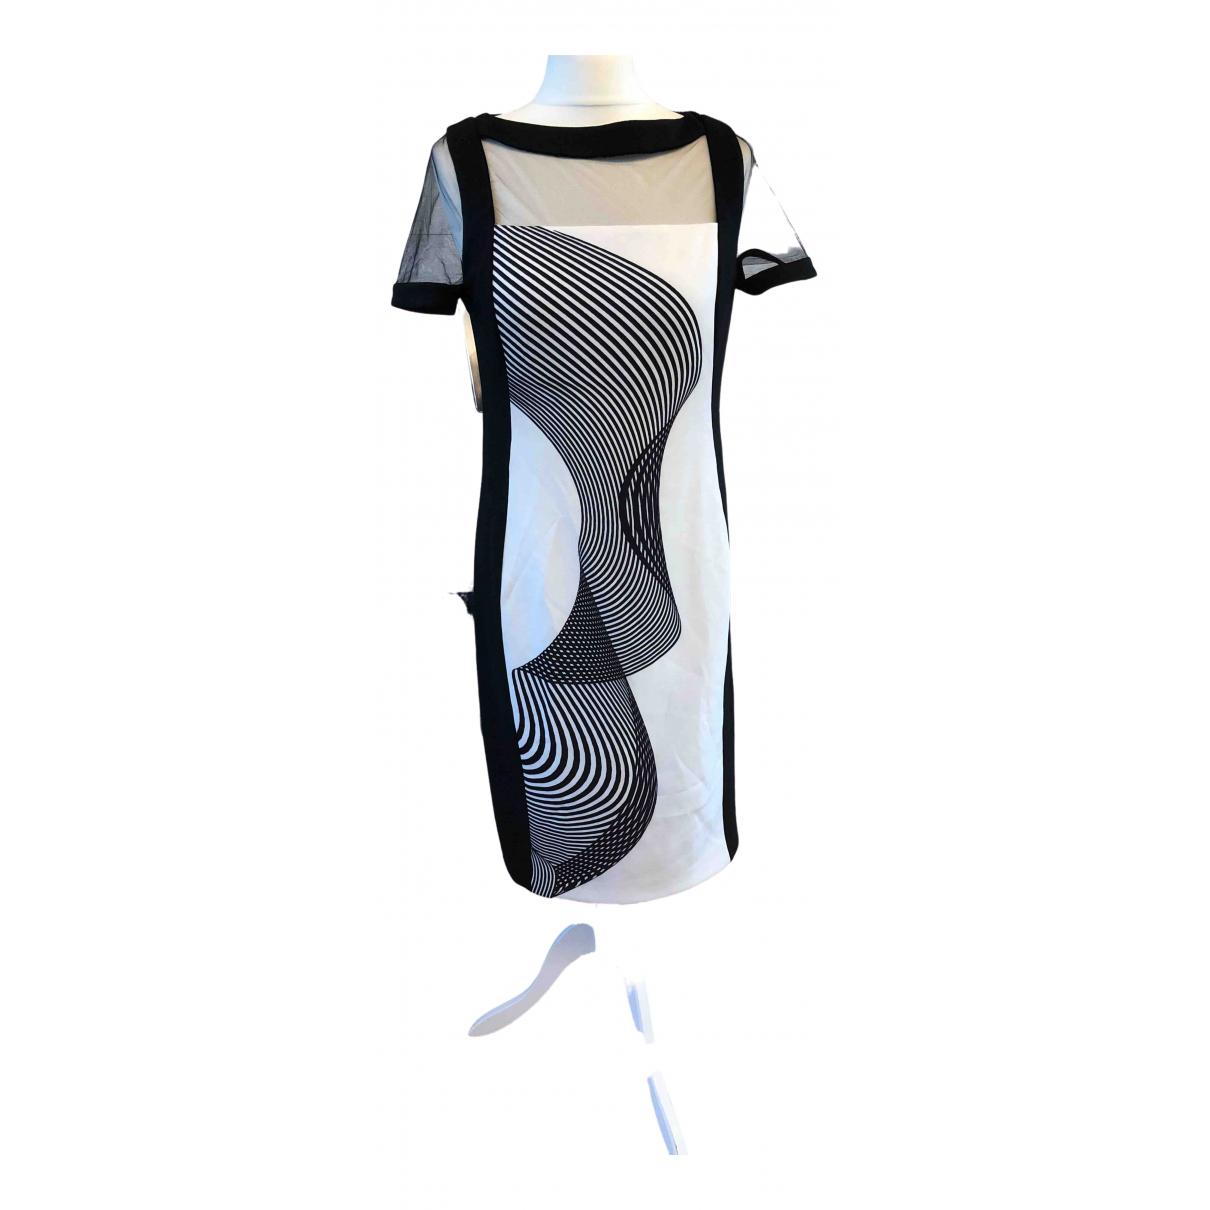 Anne Fontaine \N Kleid in  Schwarz Polyester